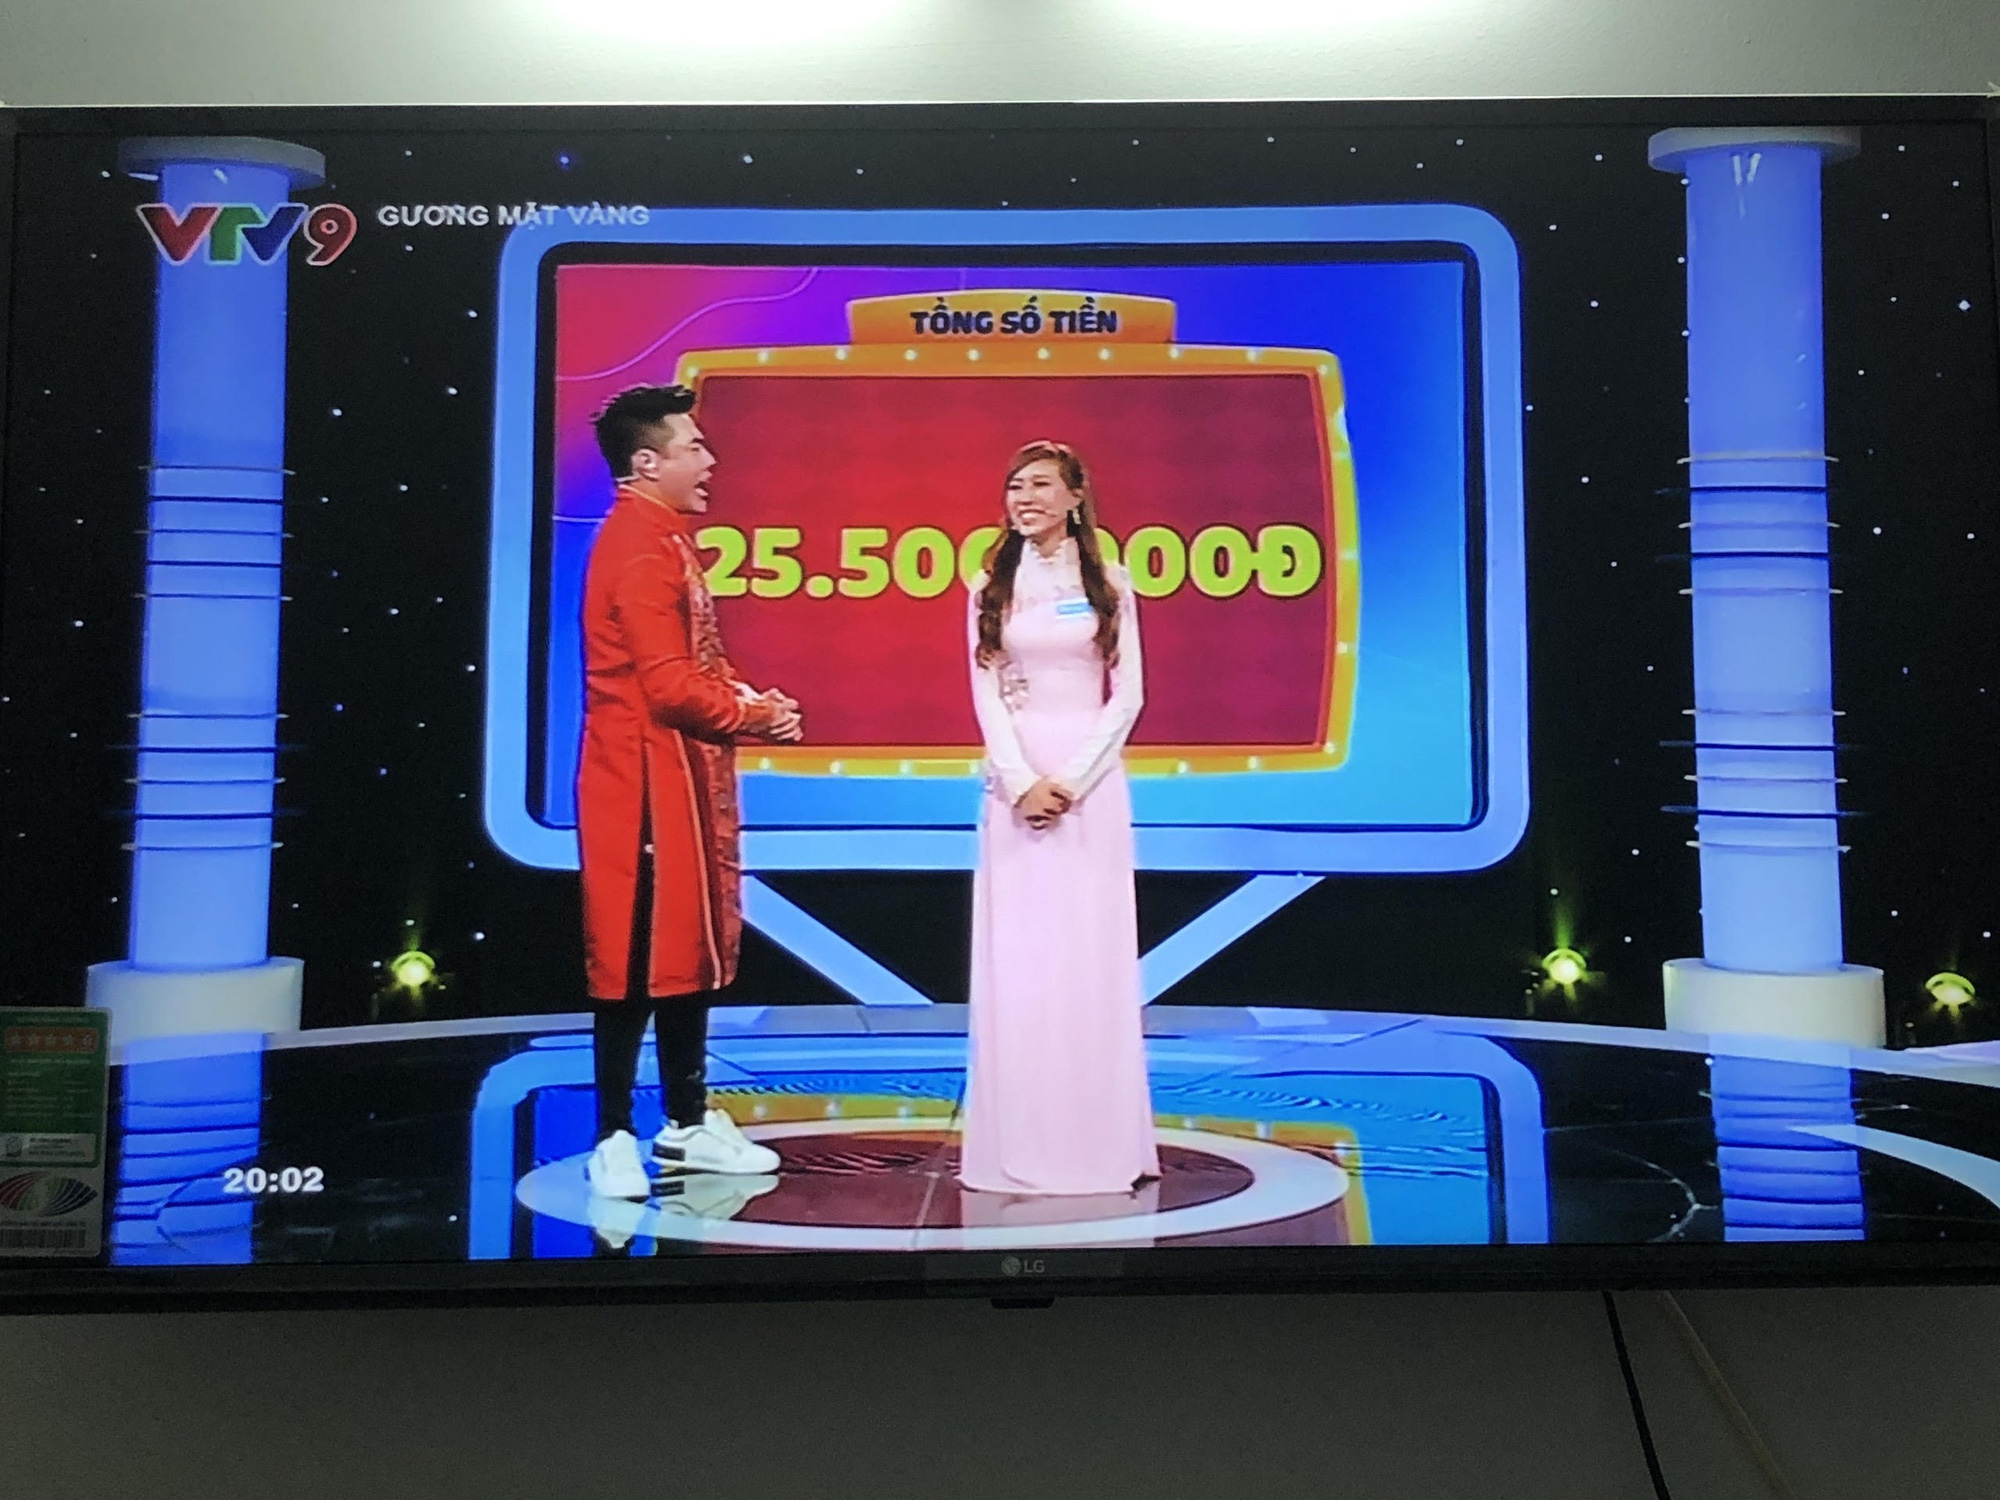 """Ca sĩ Mỹ Tiên chiến thắng đầy thuyết phục trong chương trình """"Gương mặt vàng"""" tập 7 - Ảnh 1."""